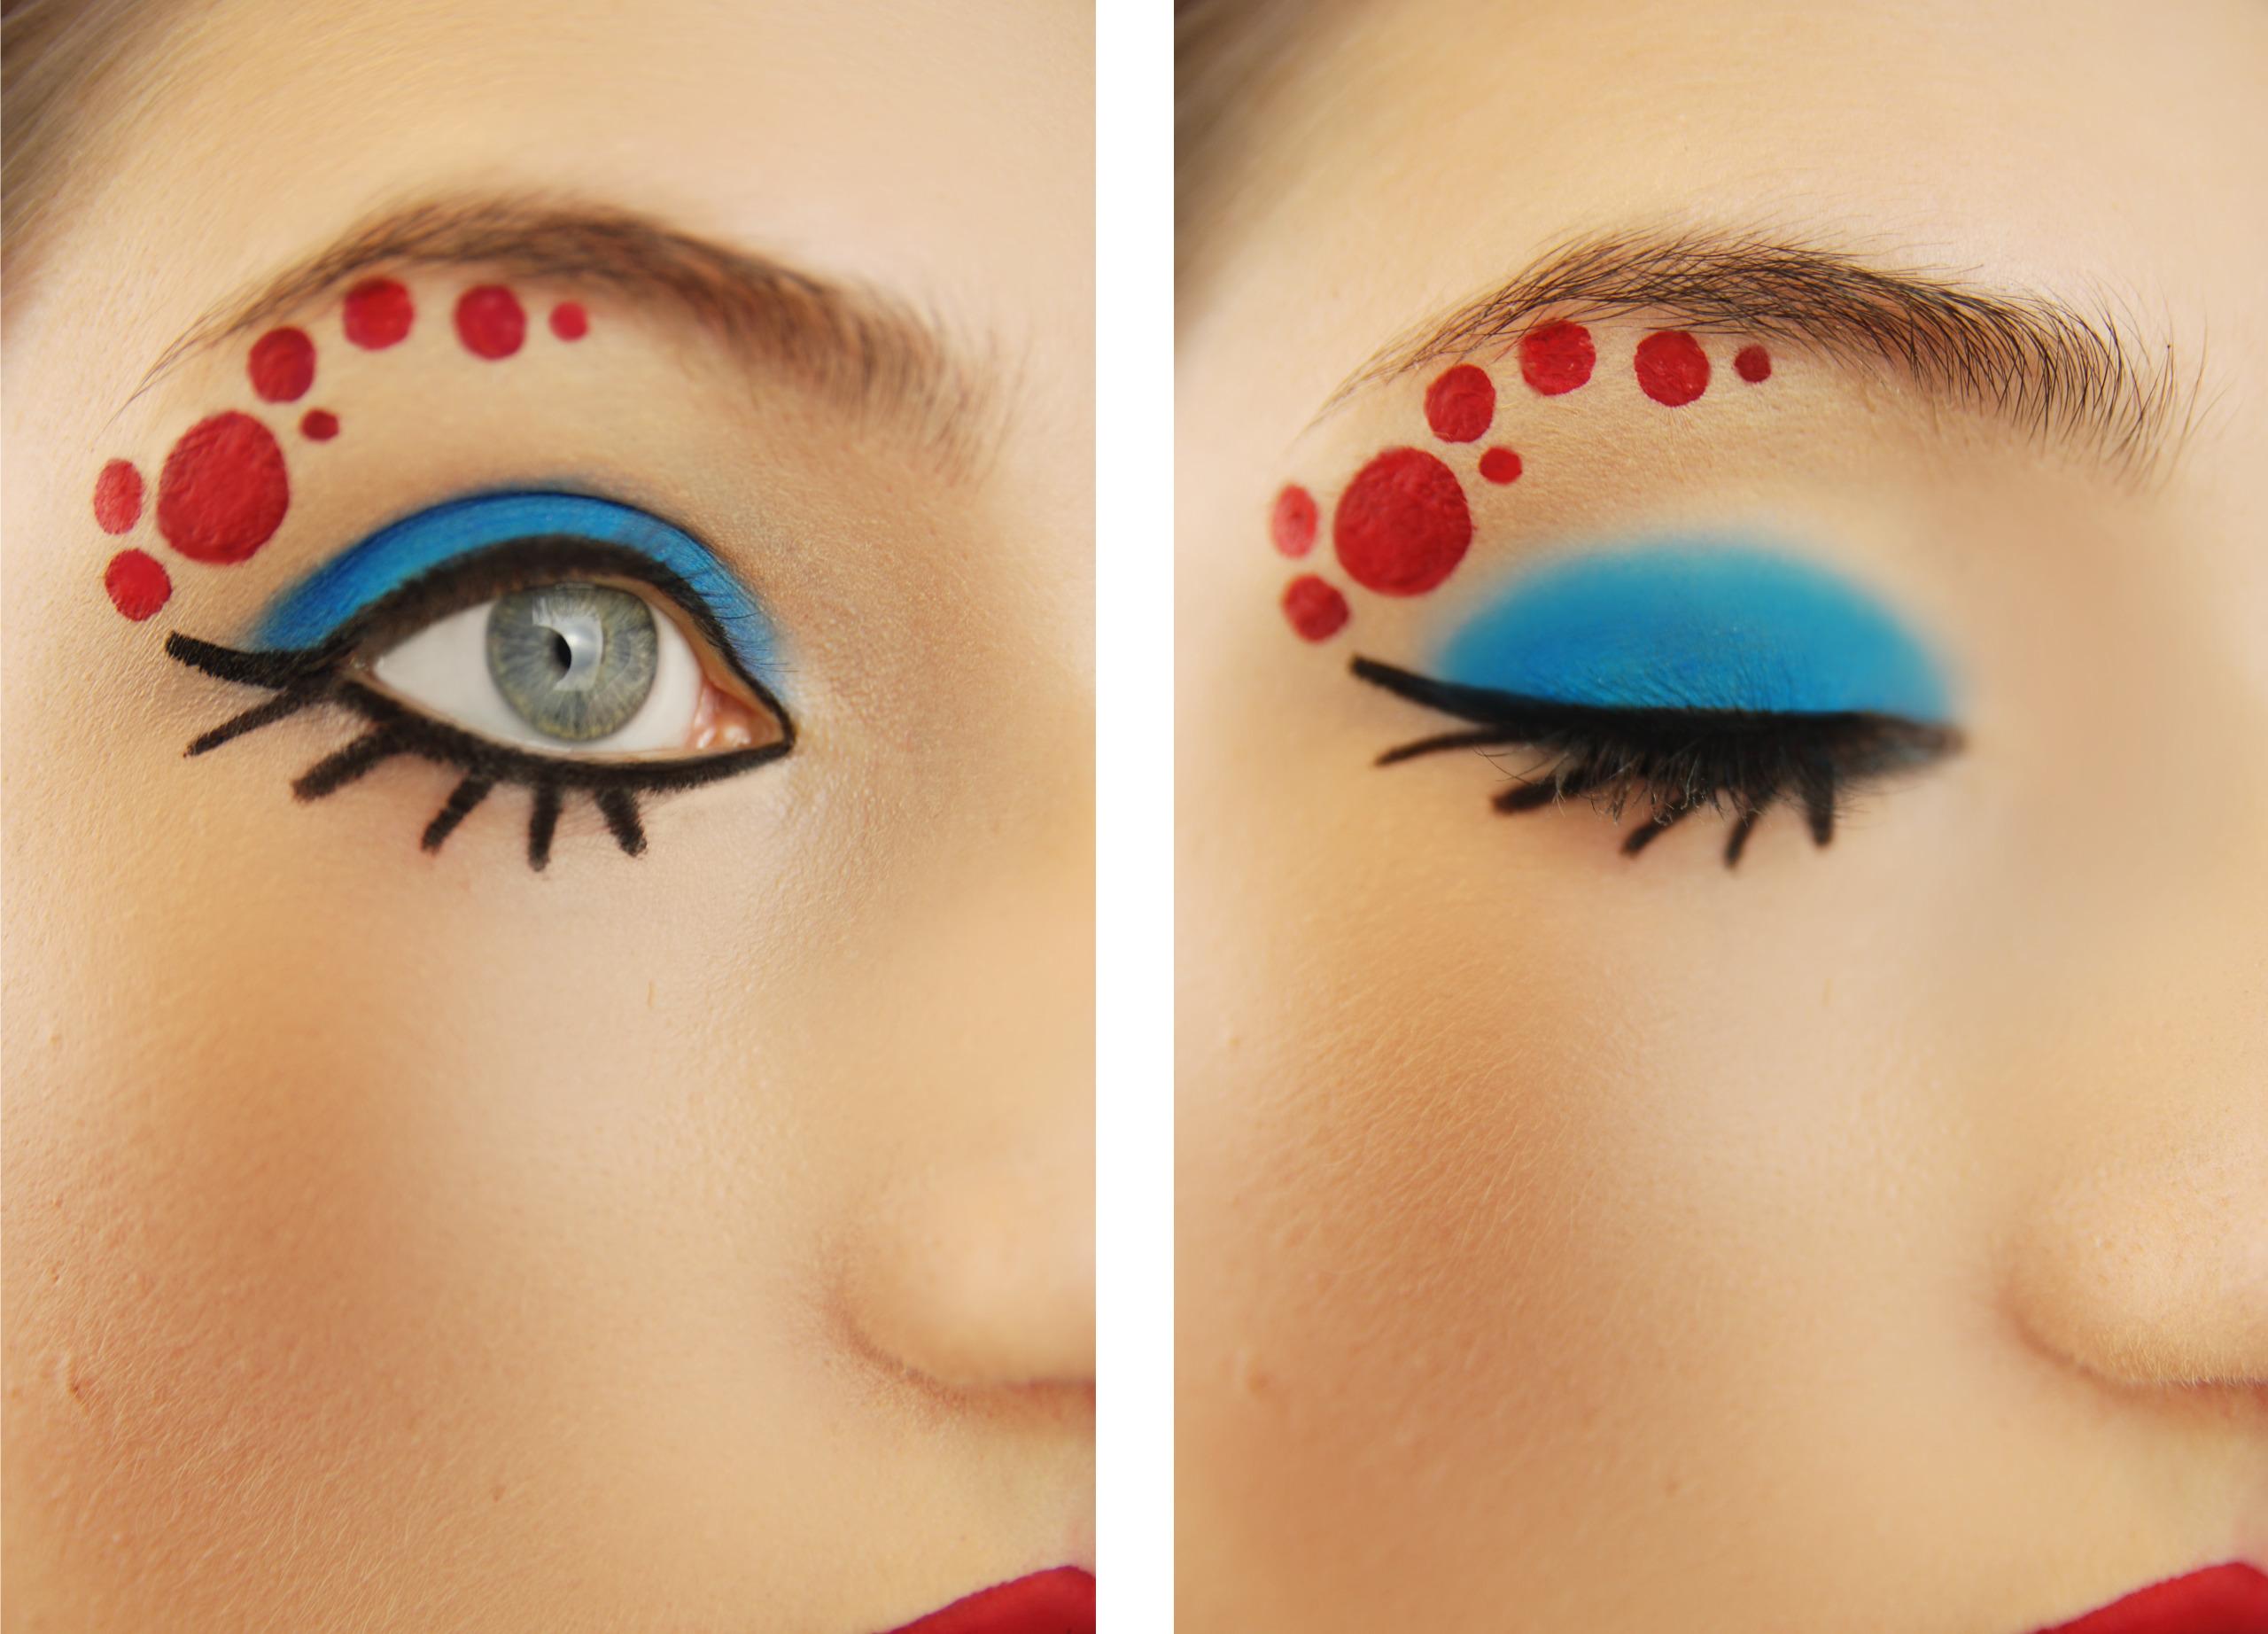 Zdjęcie podzielone jest na dwie części i obie przedstawiają oko w makijażu, po lewej stronie otwarte, po prawej zamknięte.